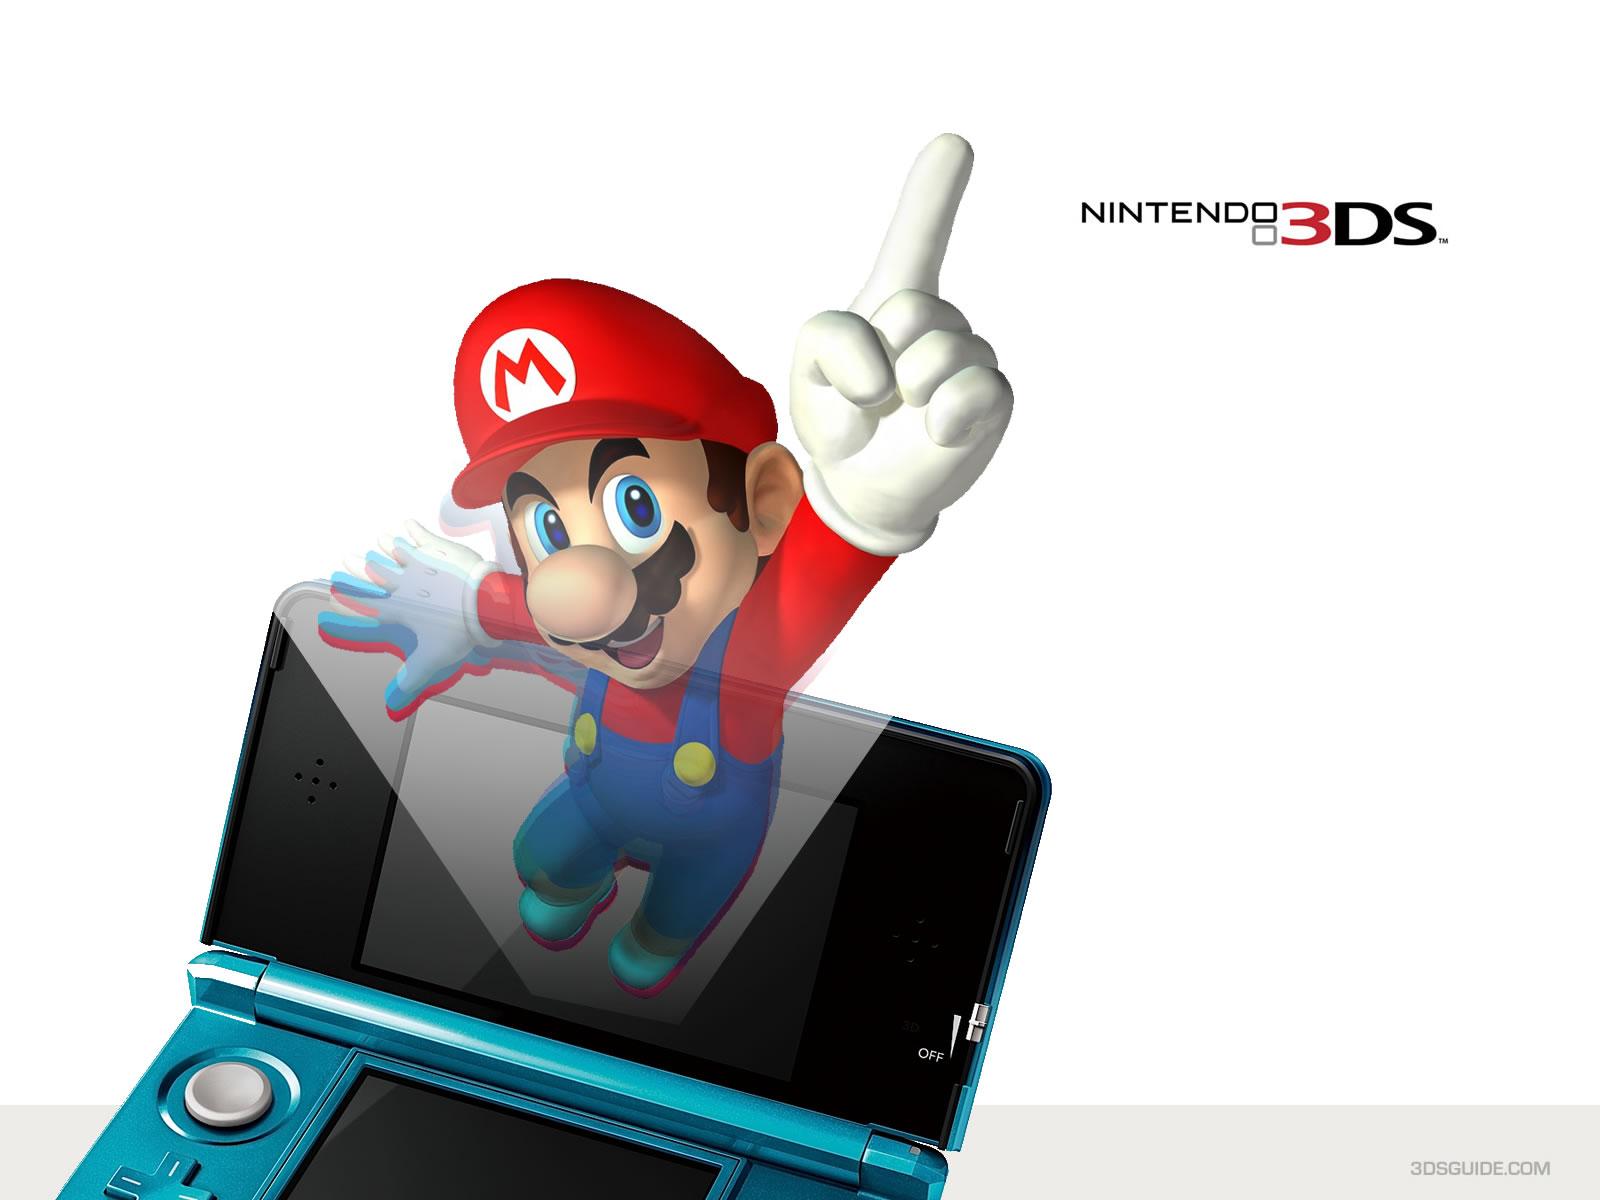 Nintendo 3DS Wallpaper